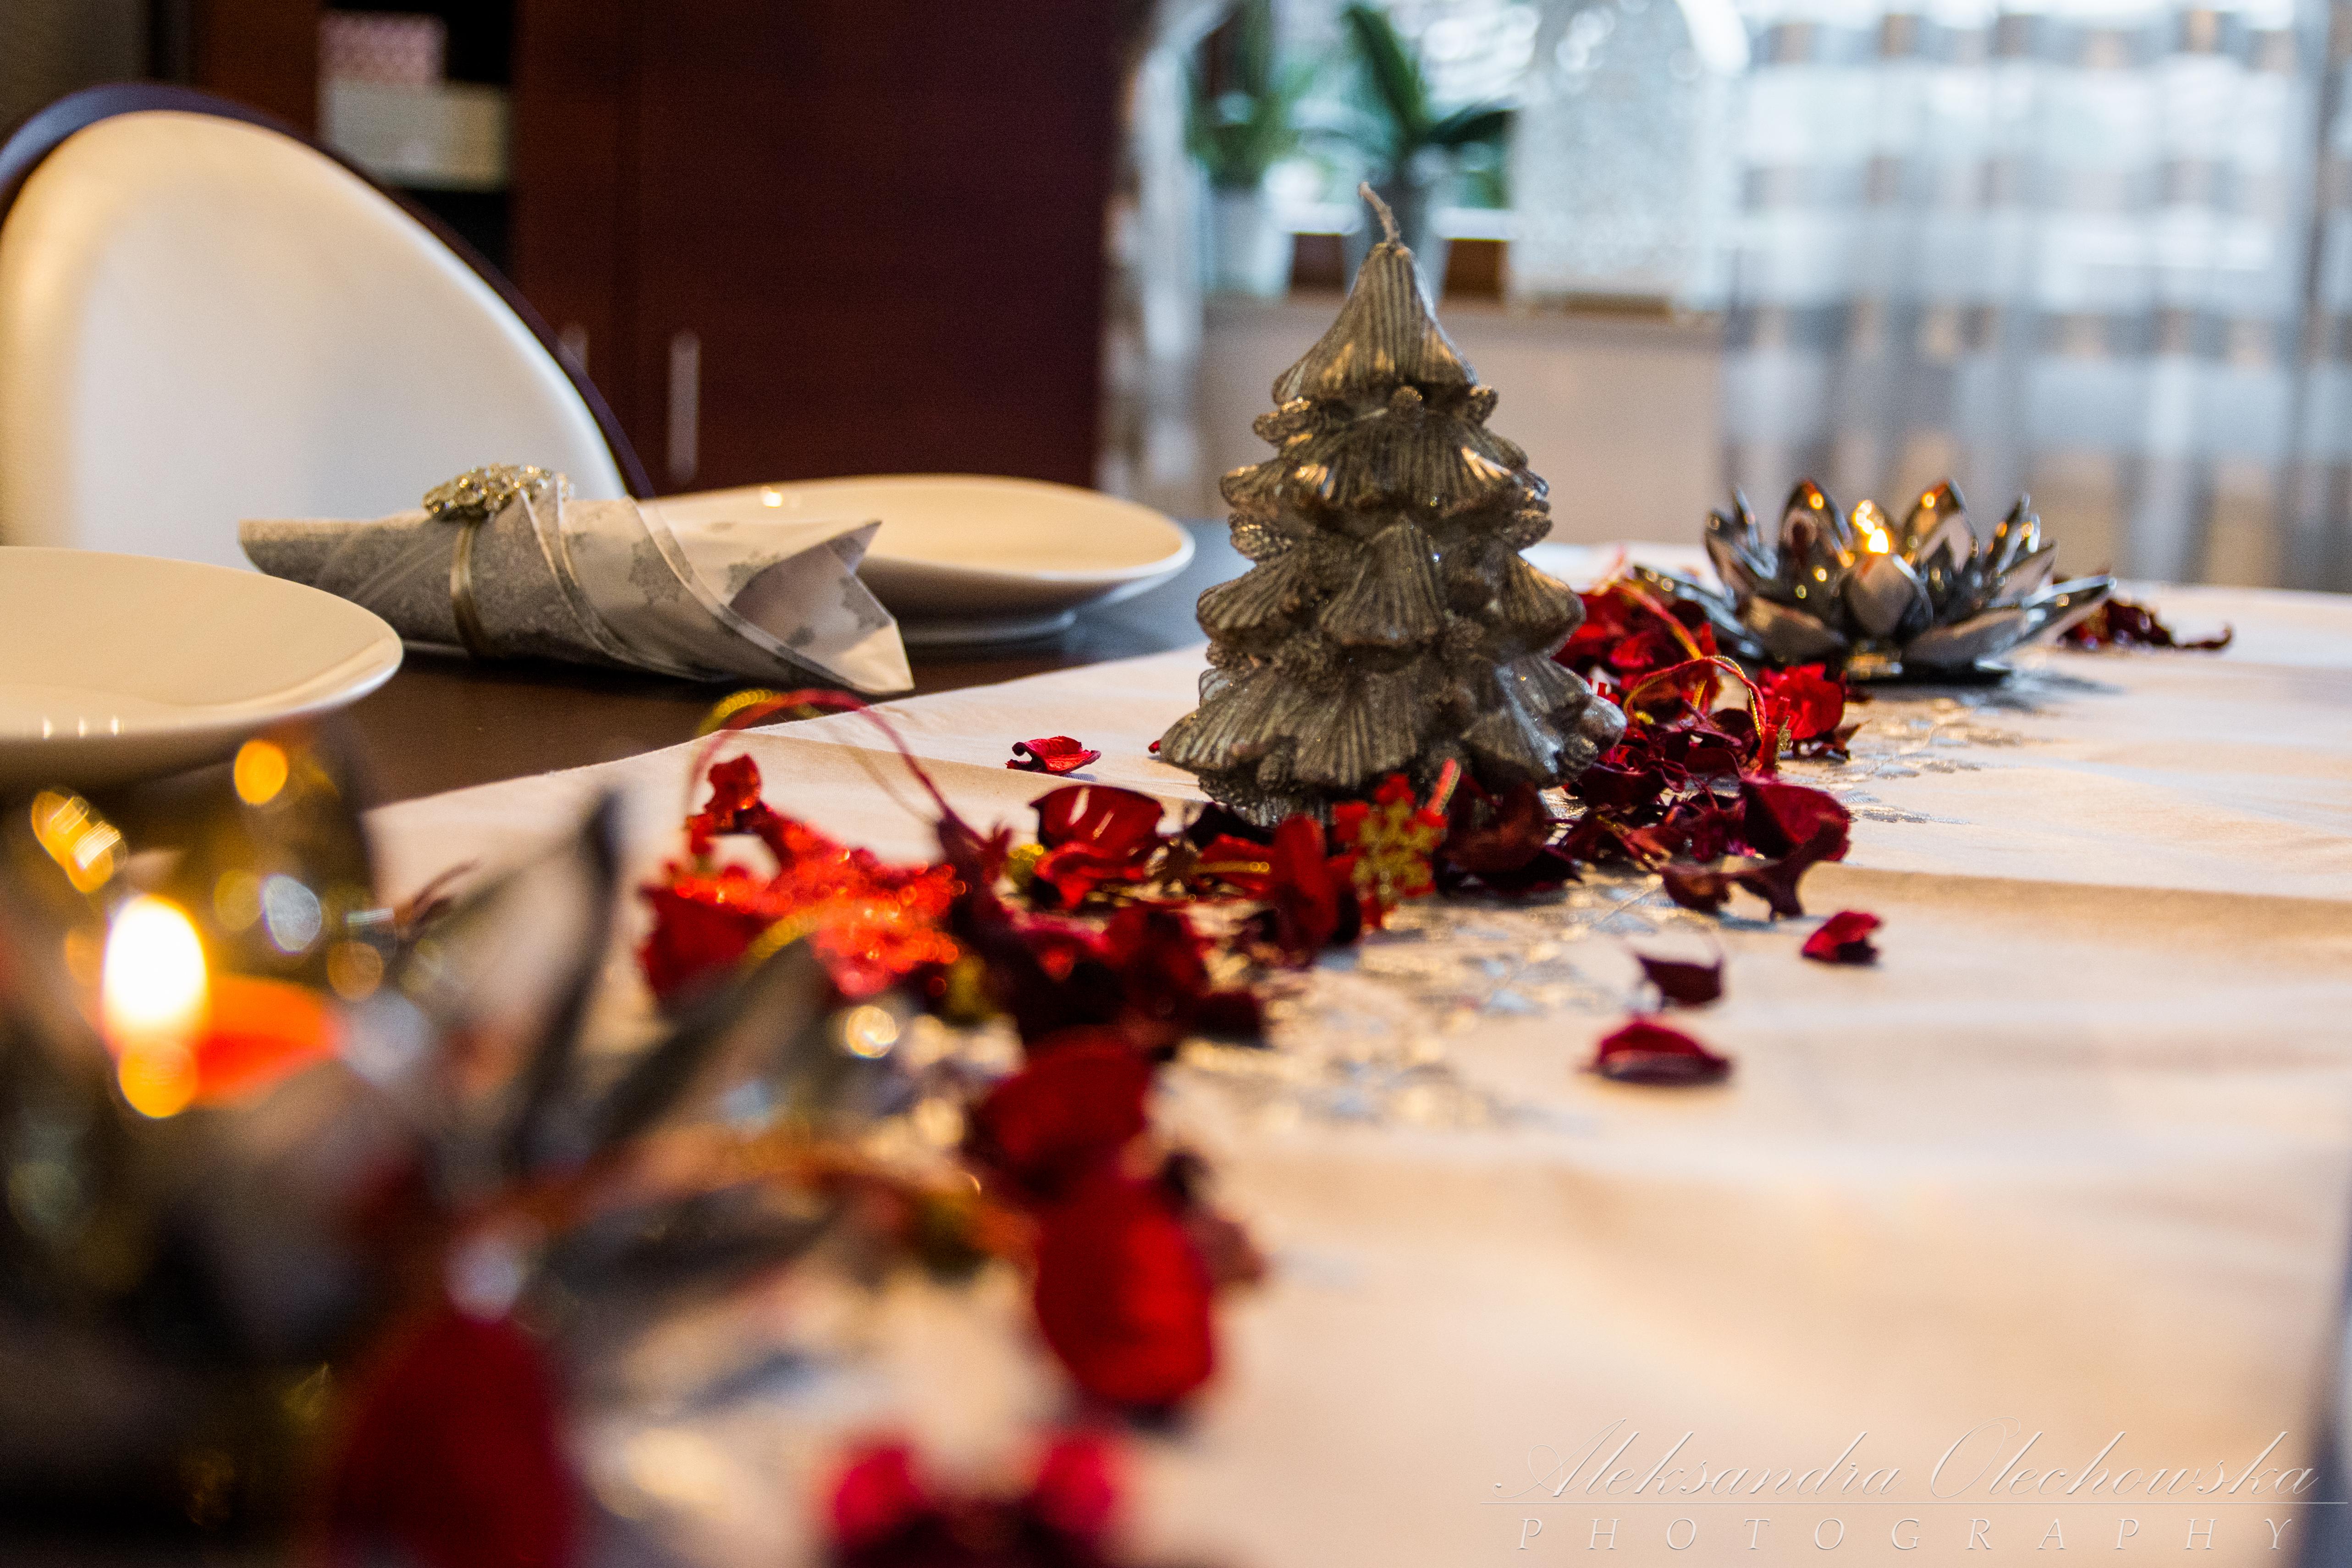 Pomysł na świąteczną aranżację stołu - bieżnik